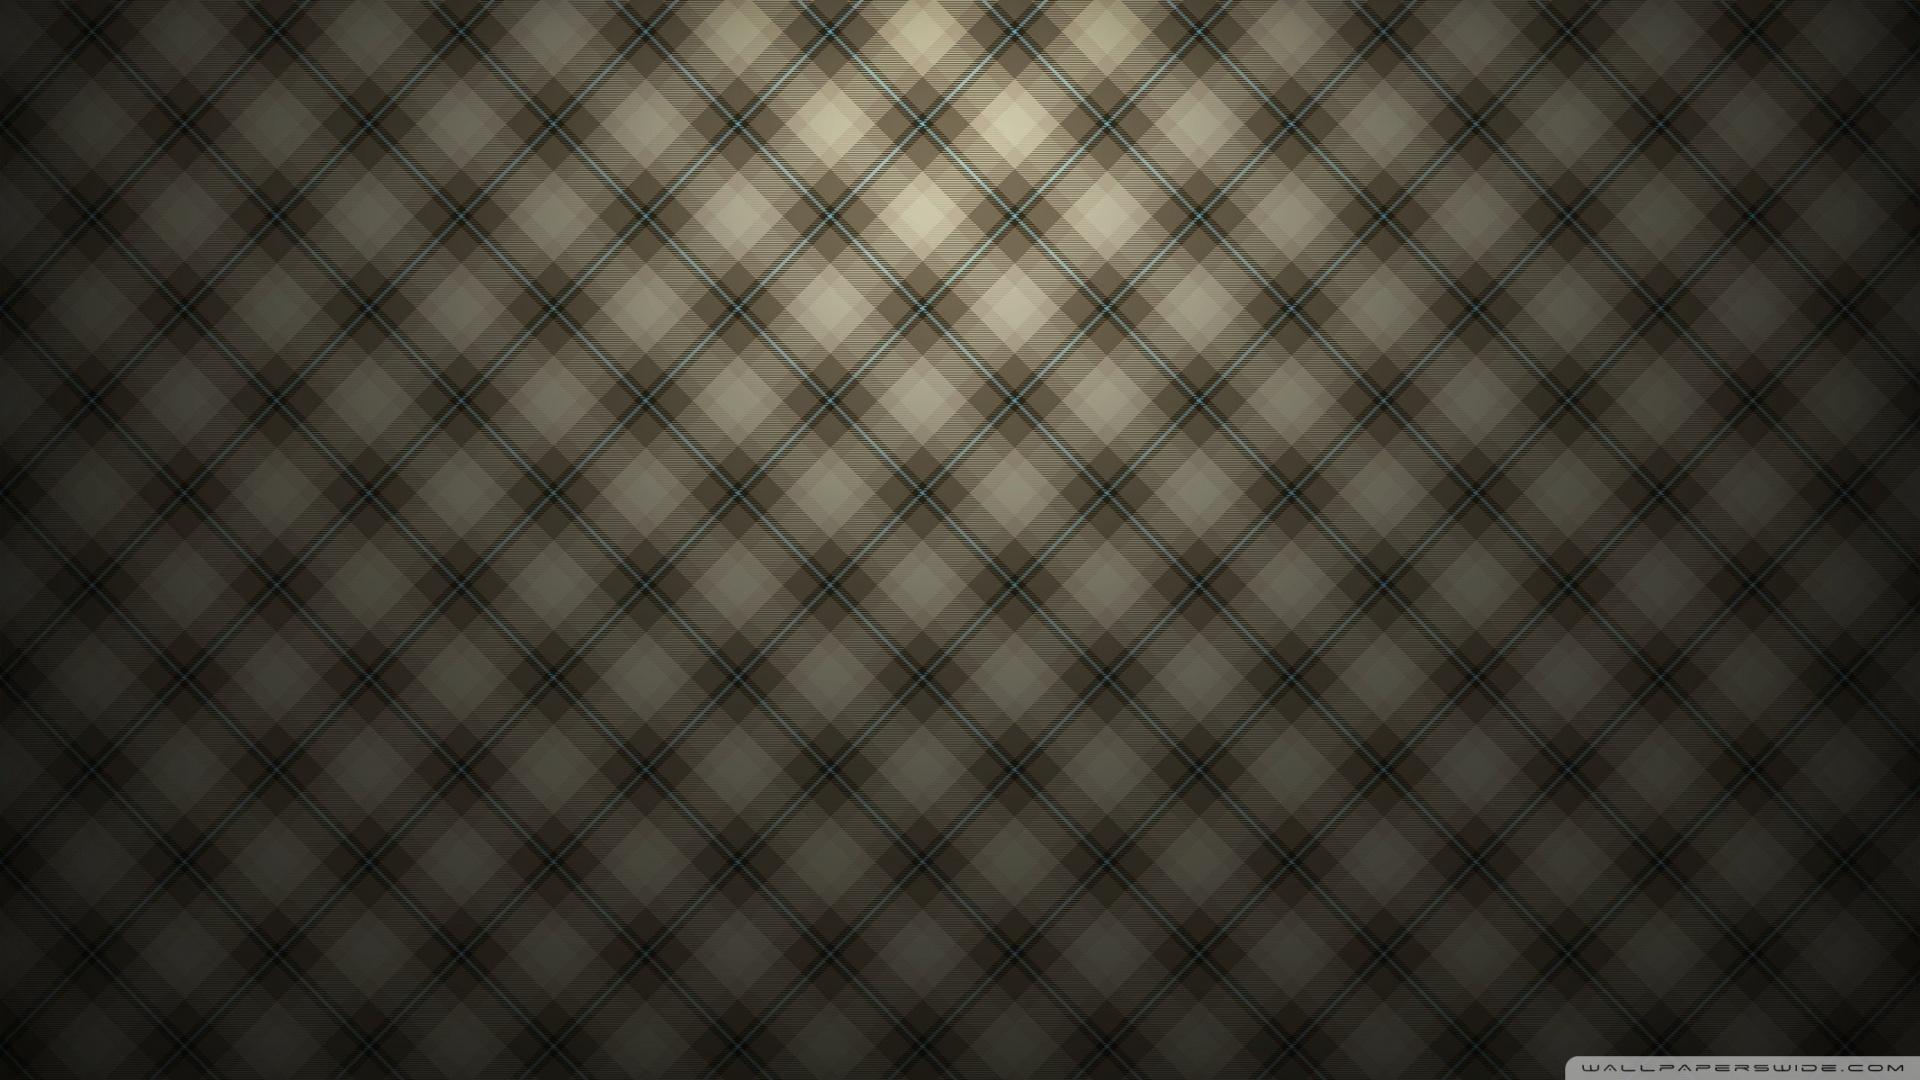 Fabric Hd Wallpaper 1920x1080 33522